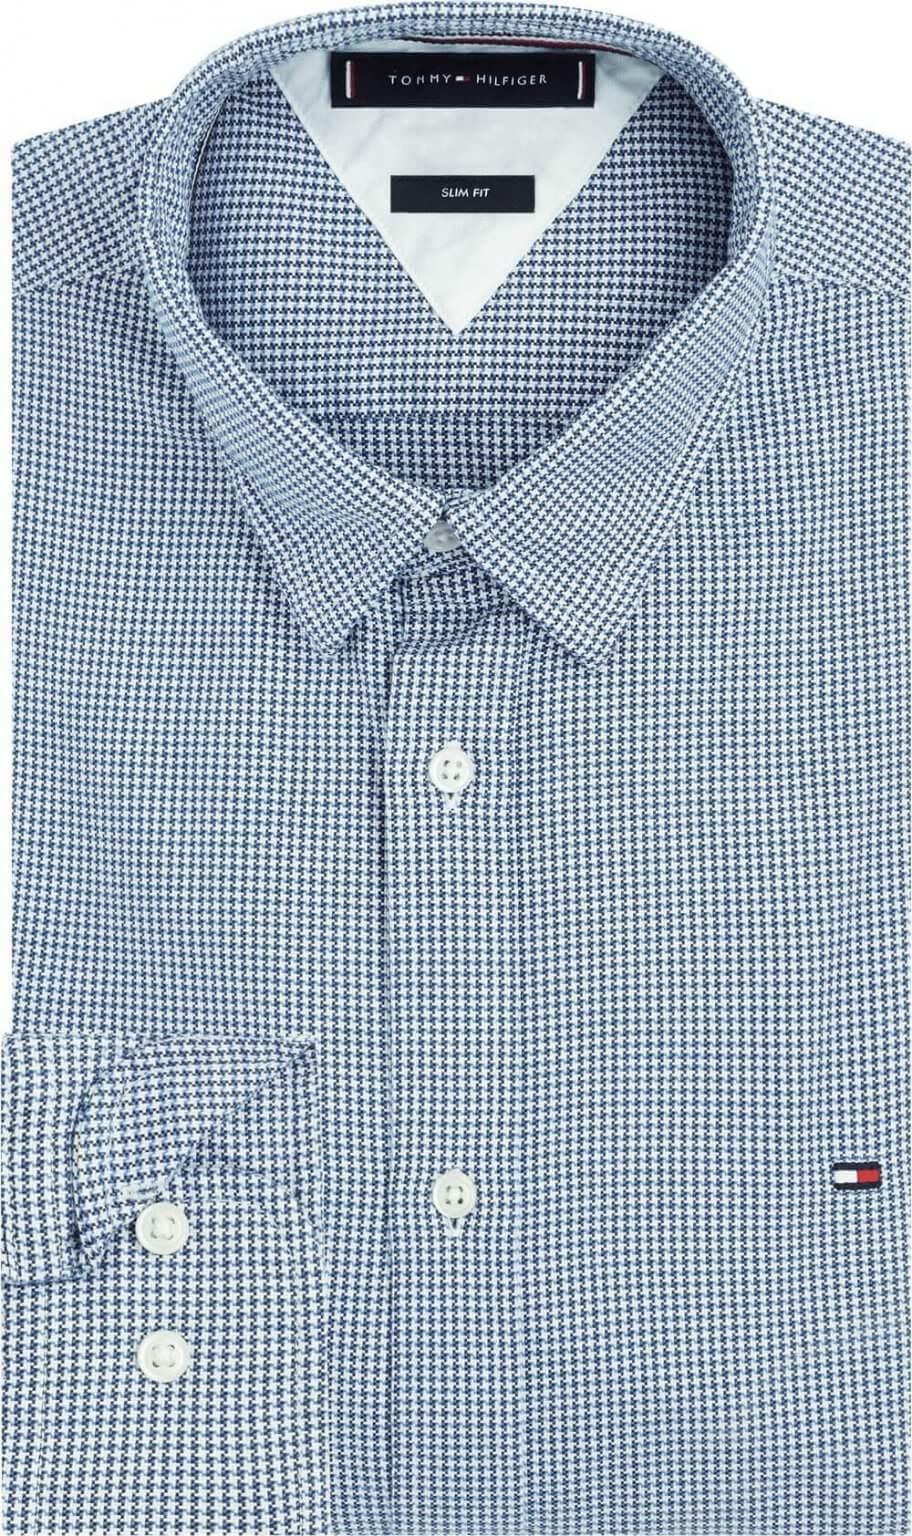 Tommy Hilfiger Slim Fit Shirt | Davids Of Haslemere